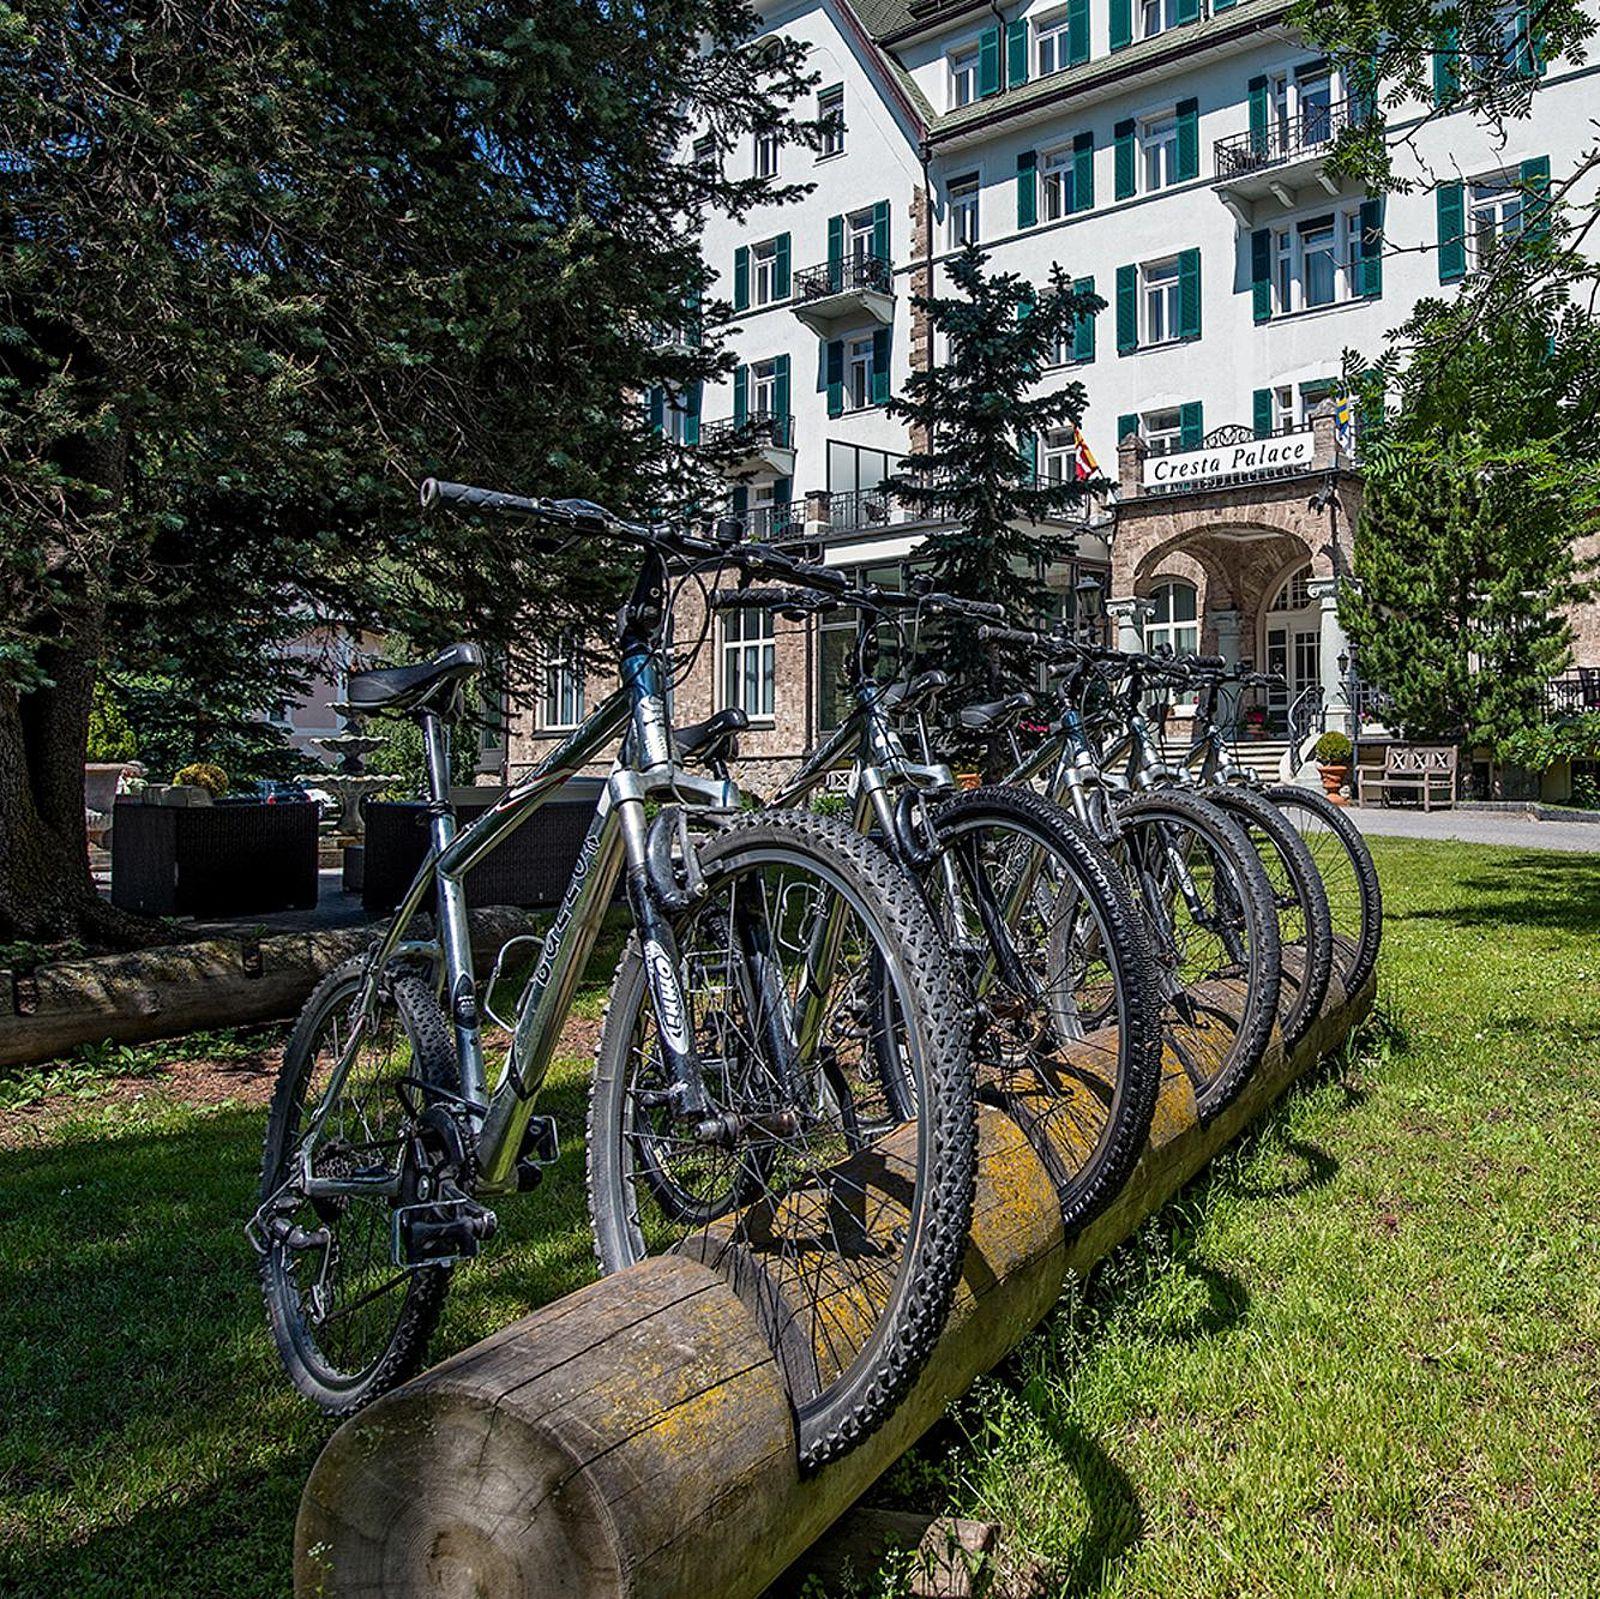 Zur freien Verfügung stehen Bikes vor dem Cresta Palace Hotel Celerina